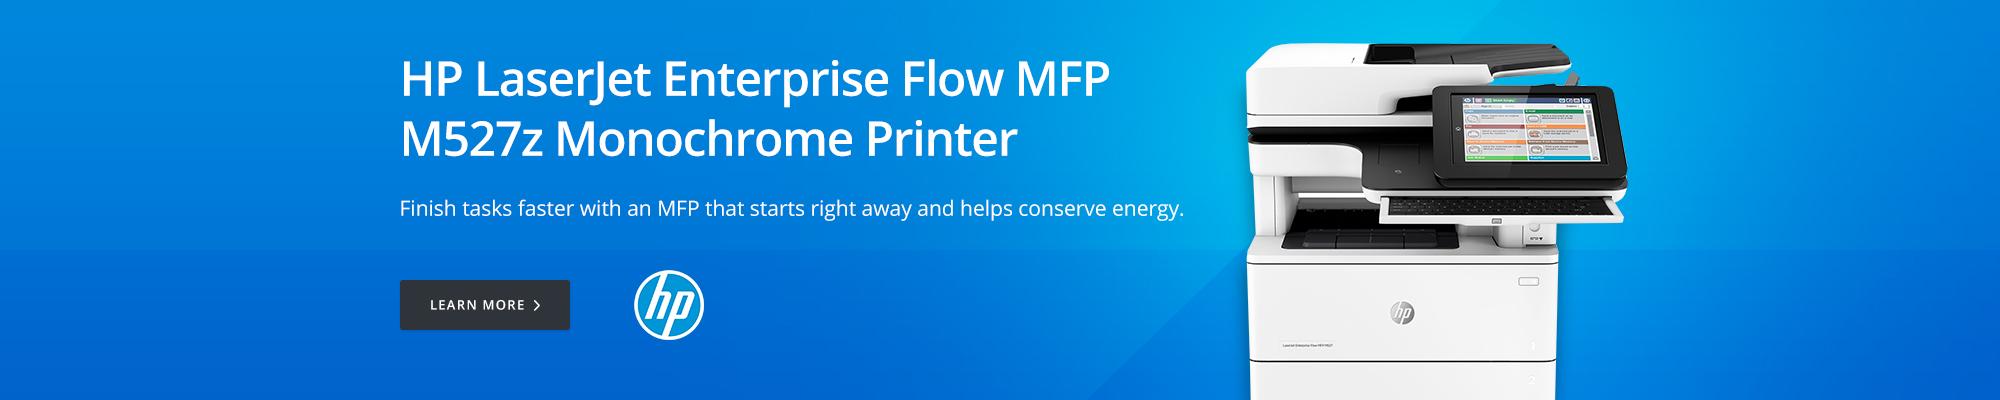 HP LaserJet Enterprise Flow MFP M527z Monochrome Printer